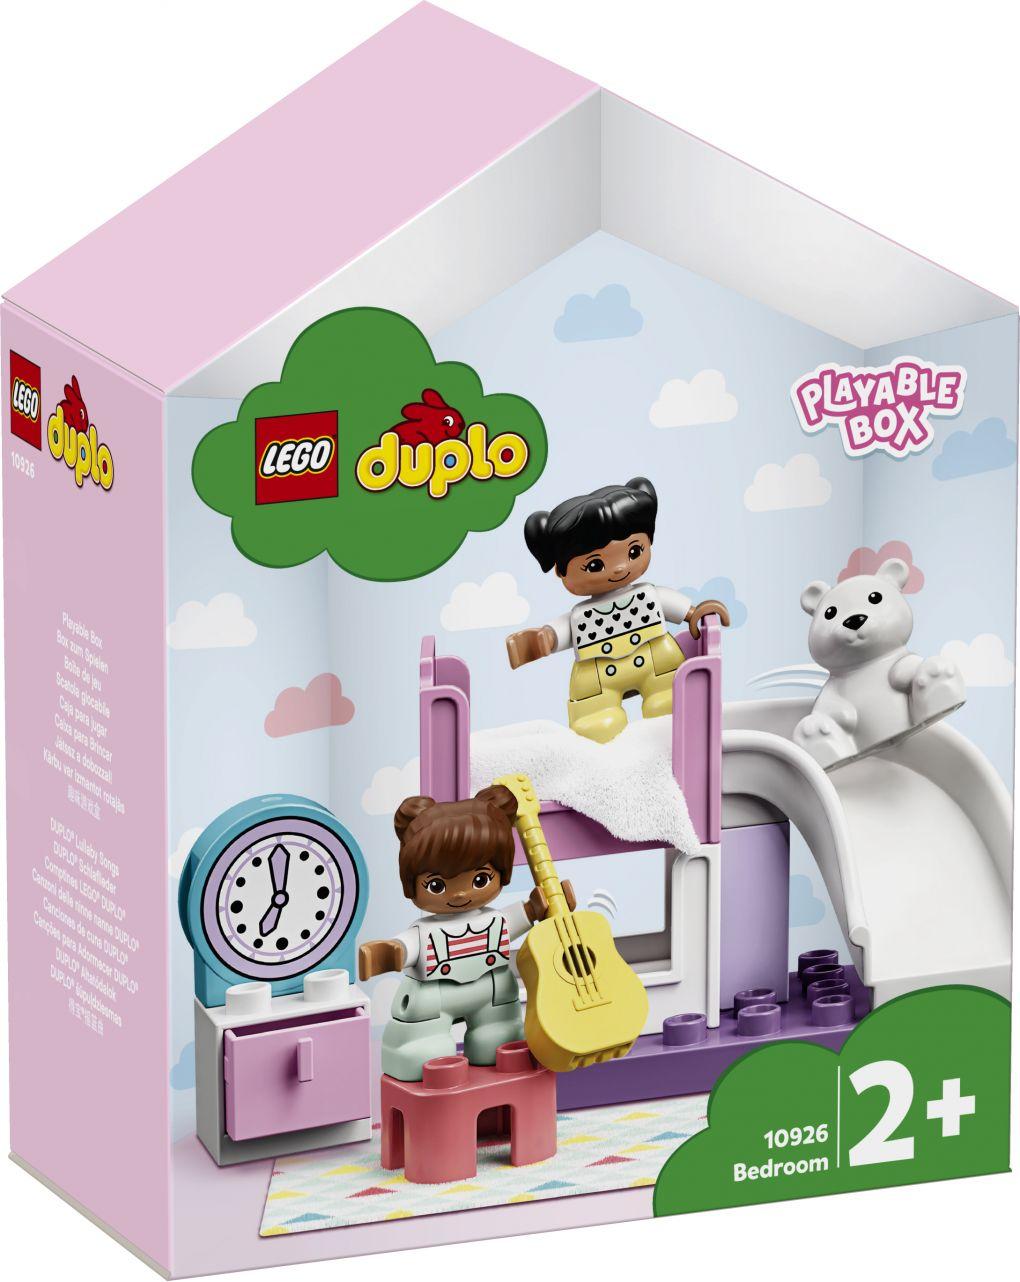 Duplo - camera da letto - 10926 - LEGO Duplo